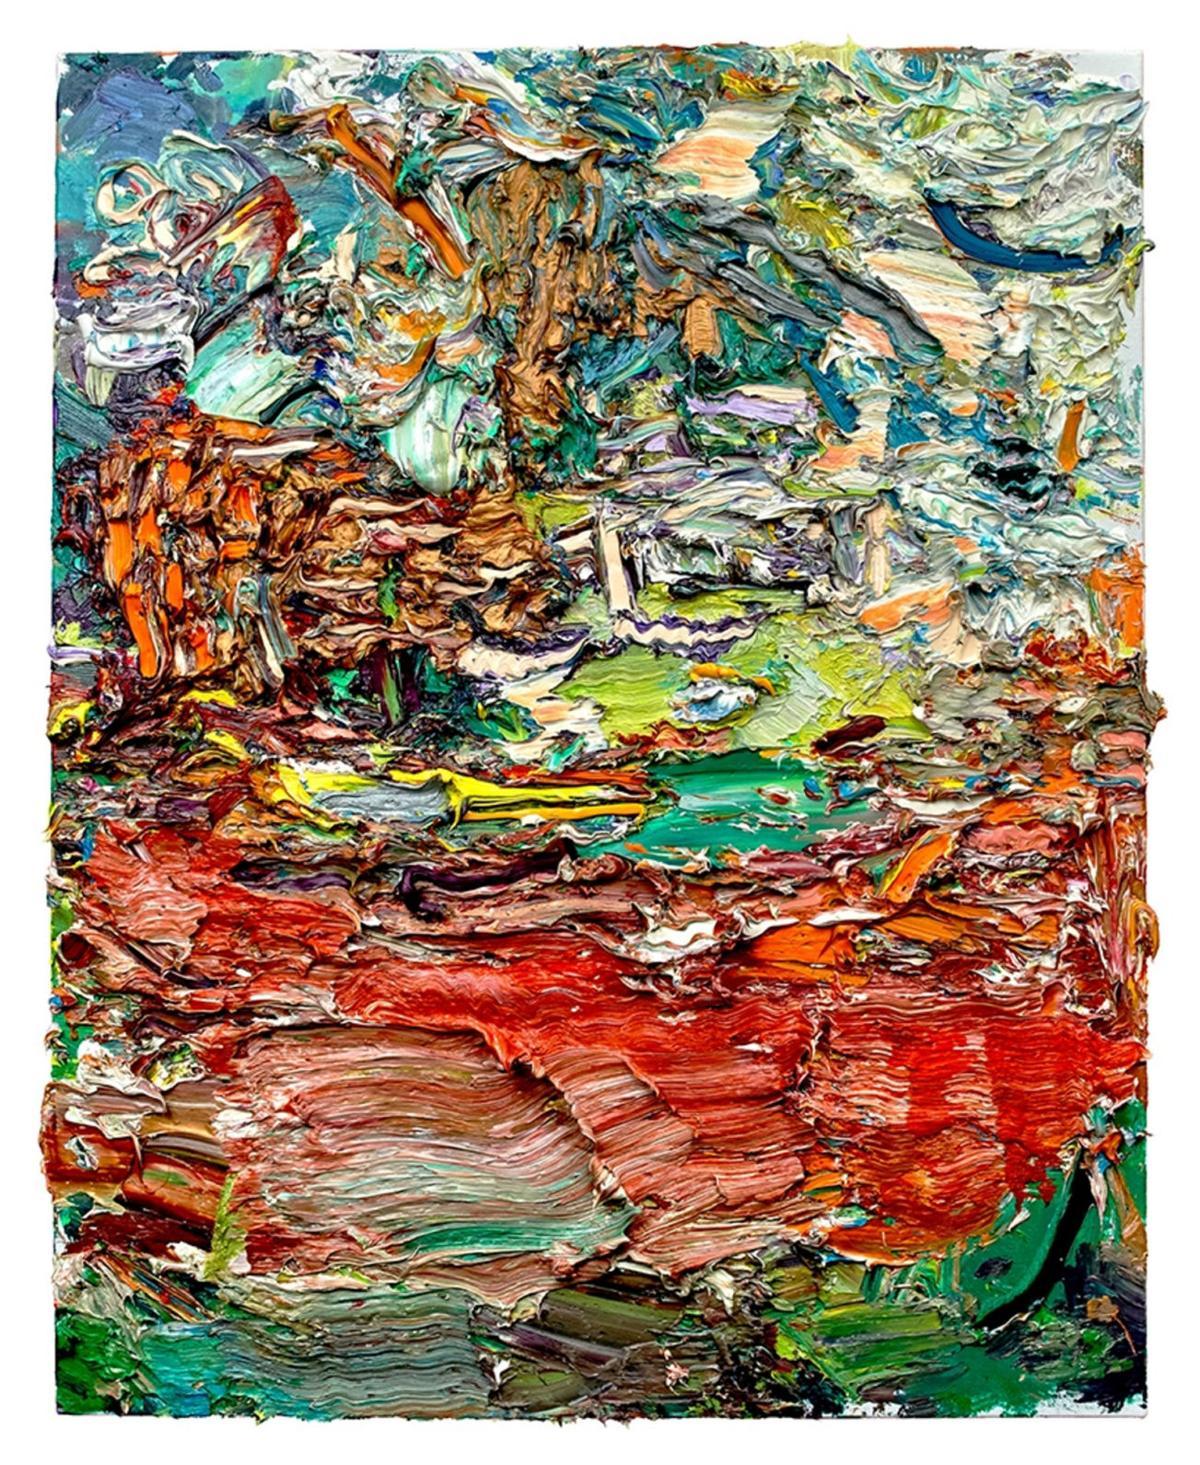 Pamela Salisbury Gallery presents Ying Li